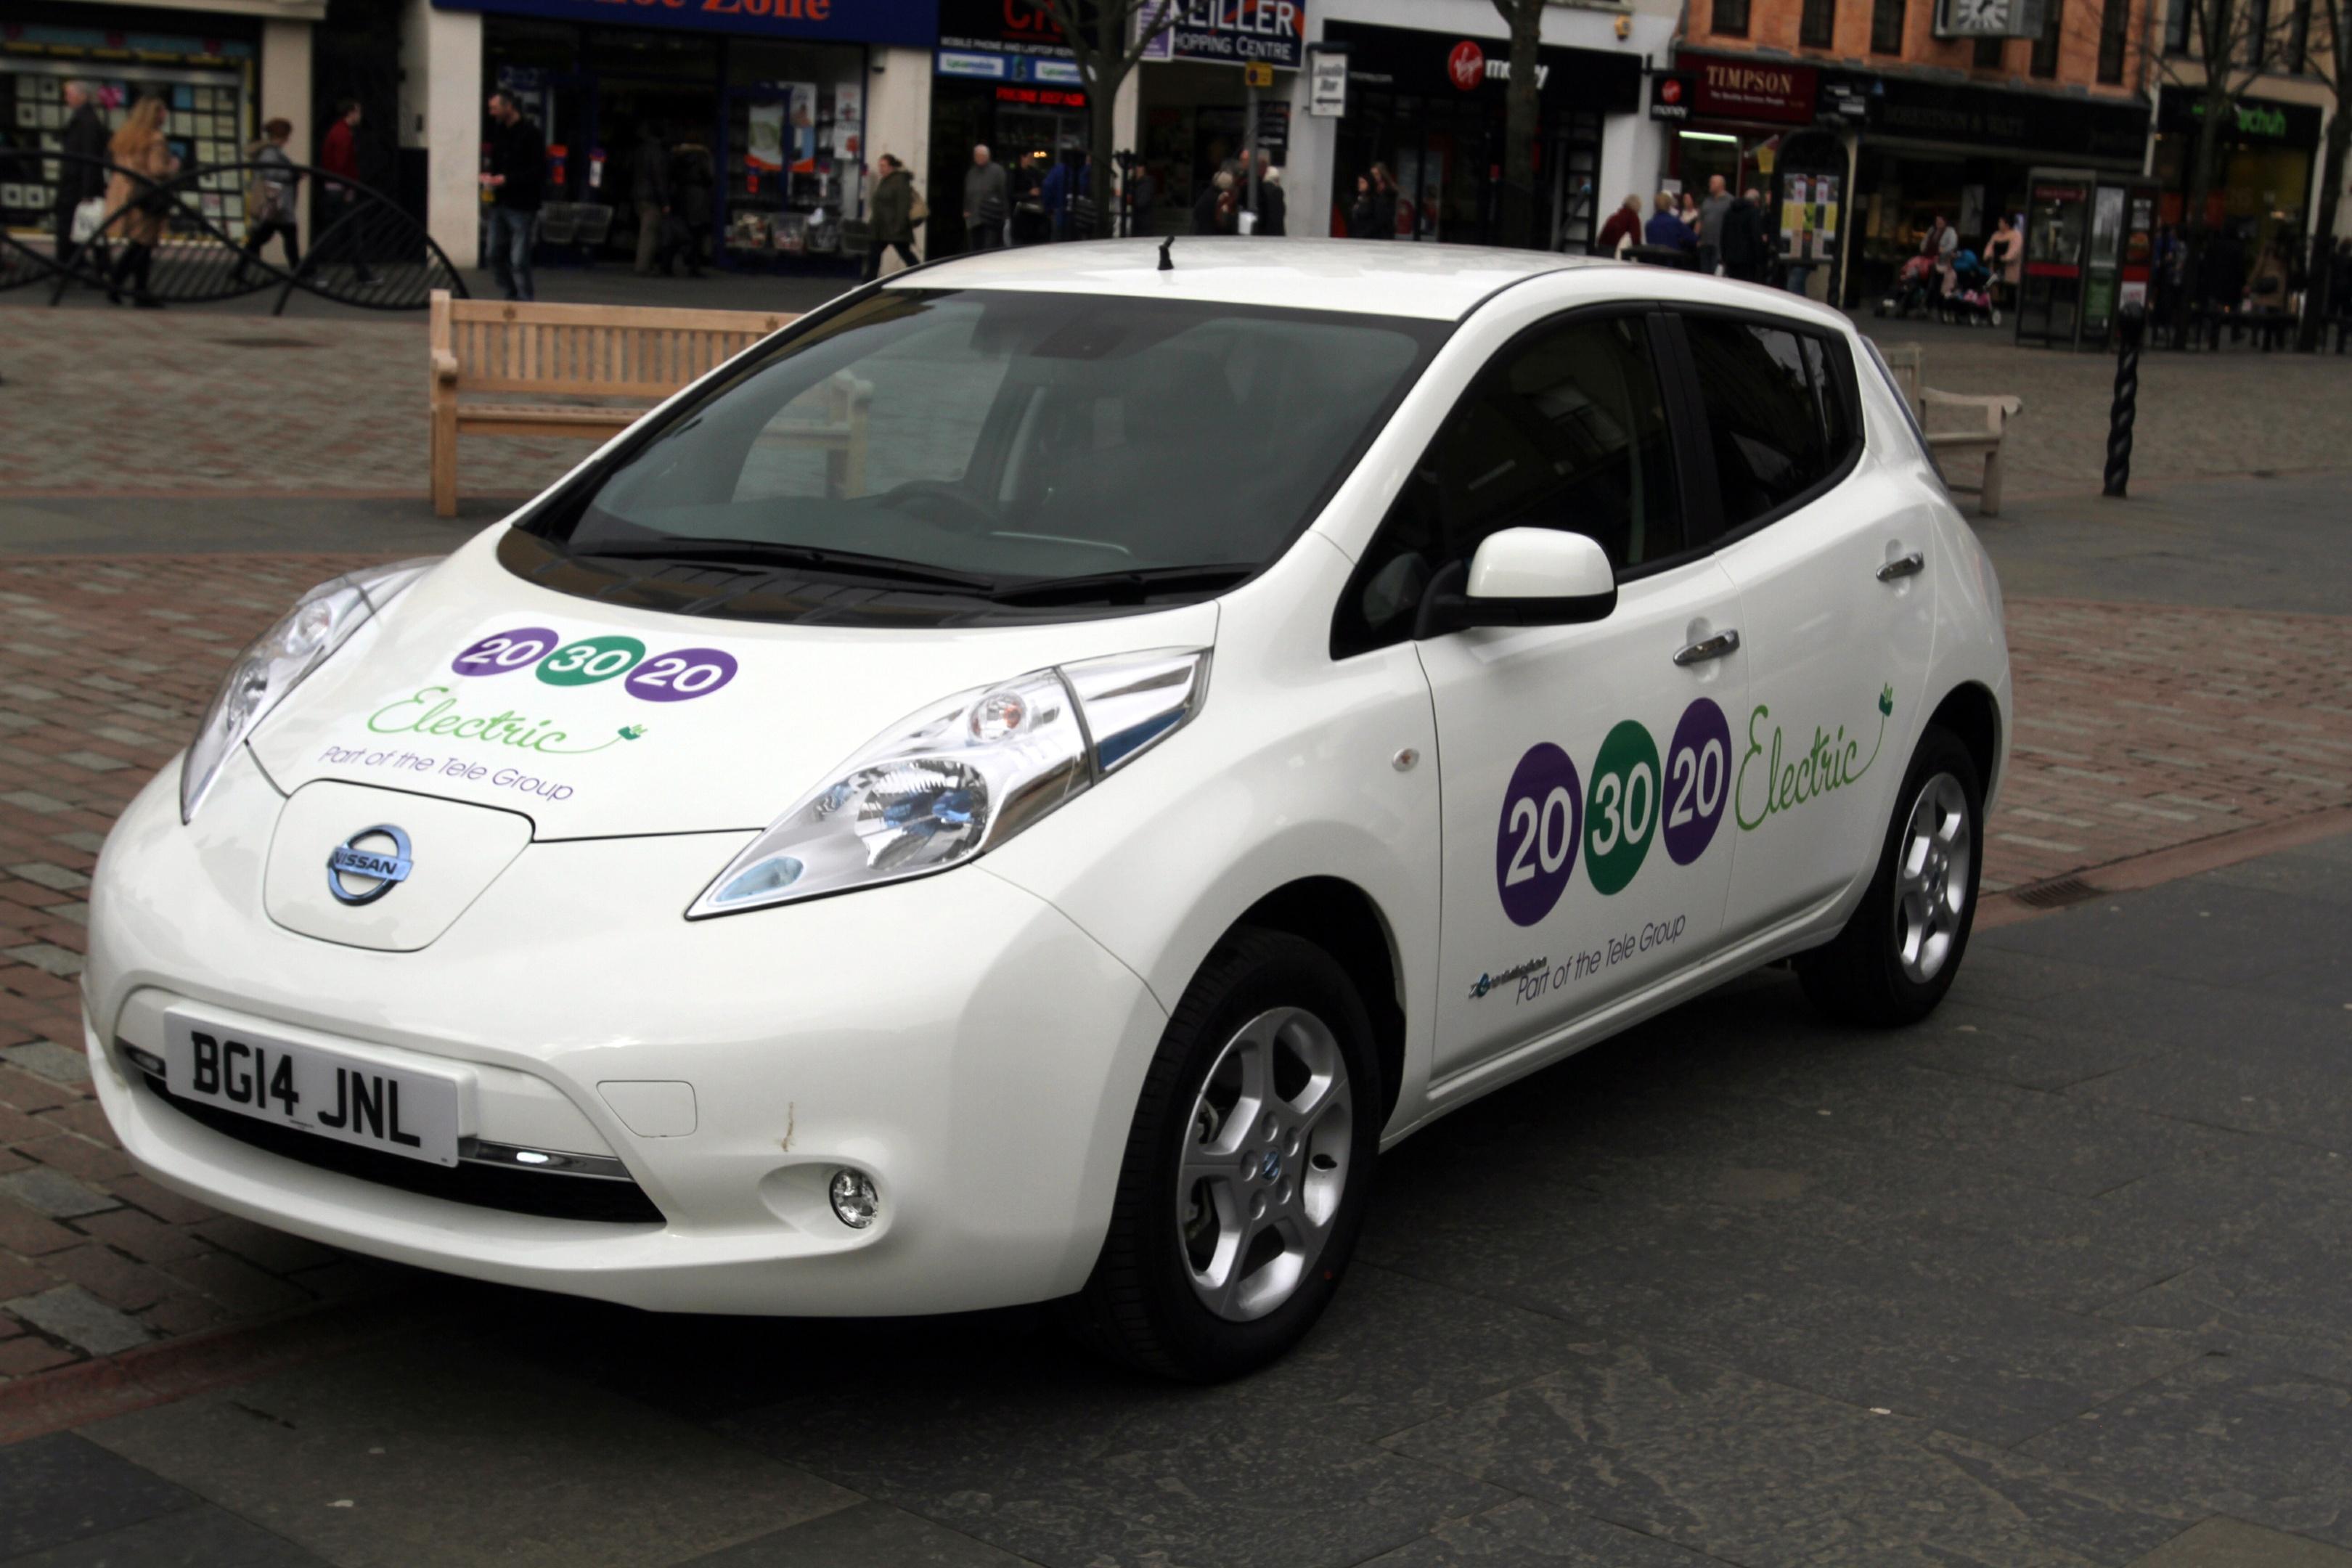 A 203020 taxi.